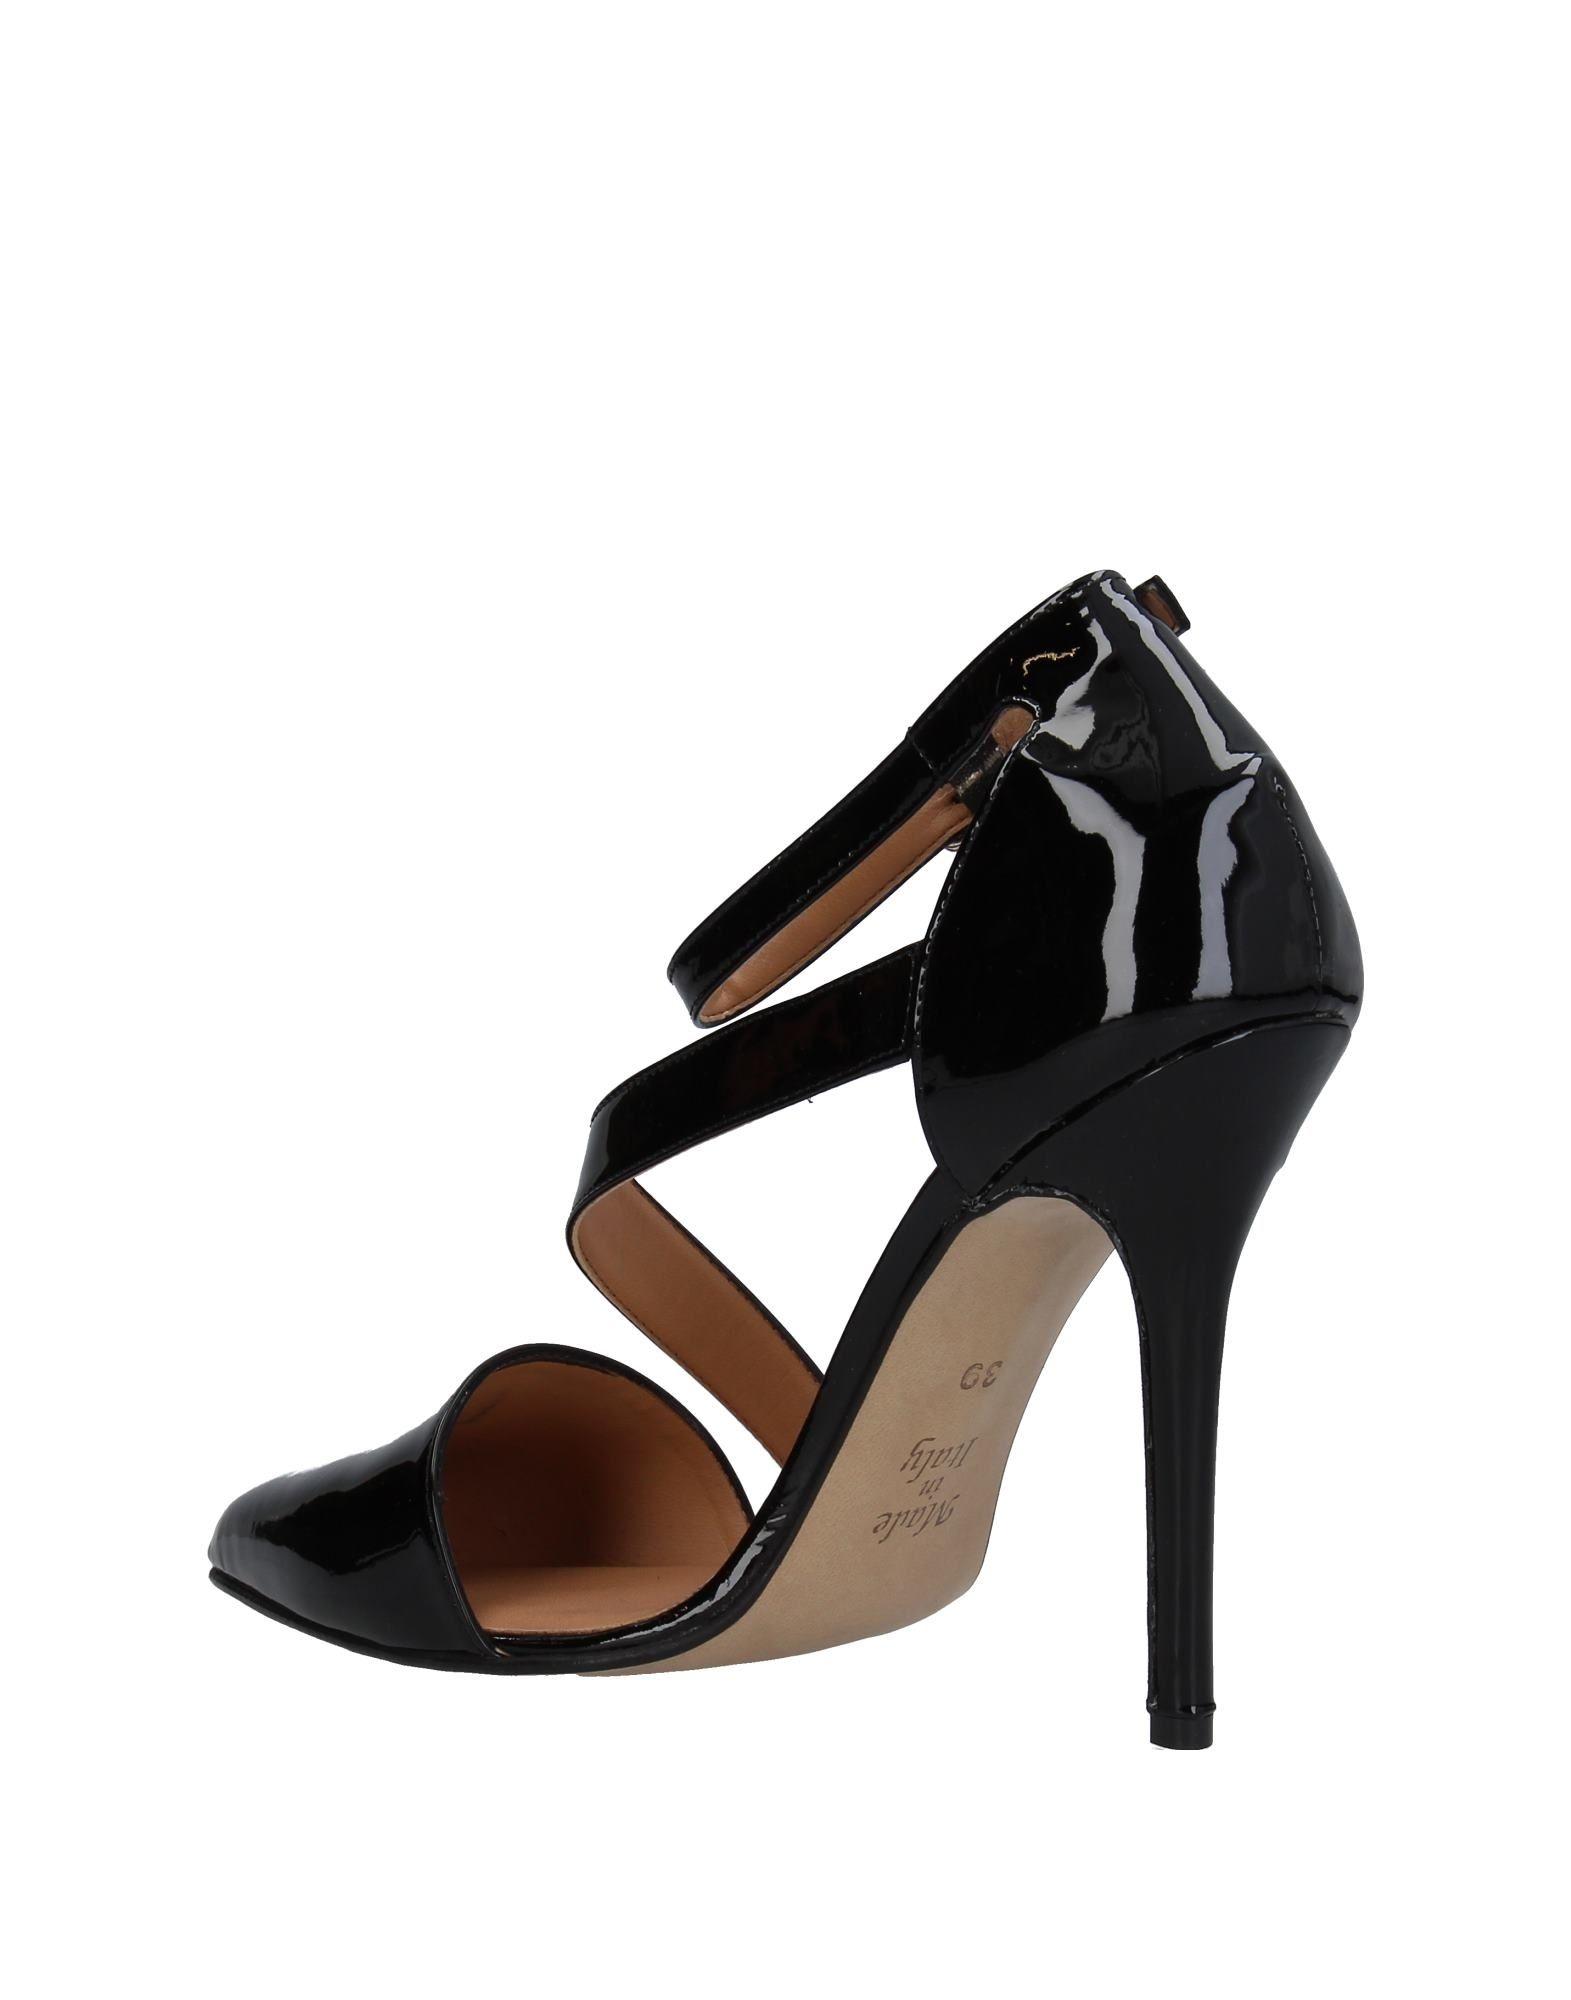 Anna B. Dal 1943 Pumps Damen  11382827JC Qualität Gute Qualität 11382827JC beliebte Schuhe 69f6c6